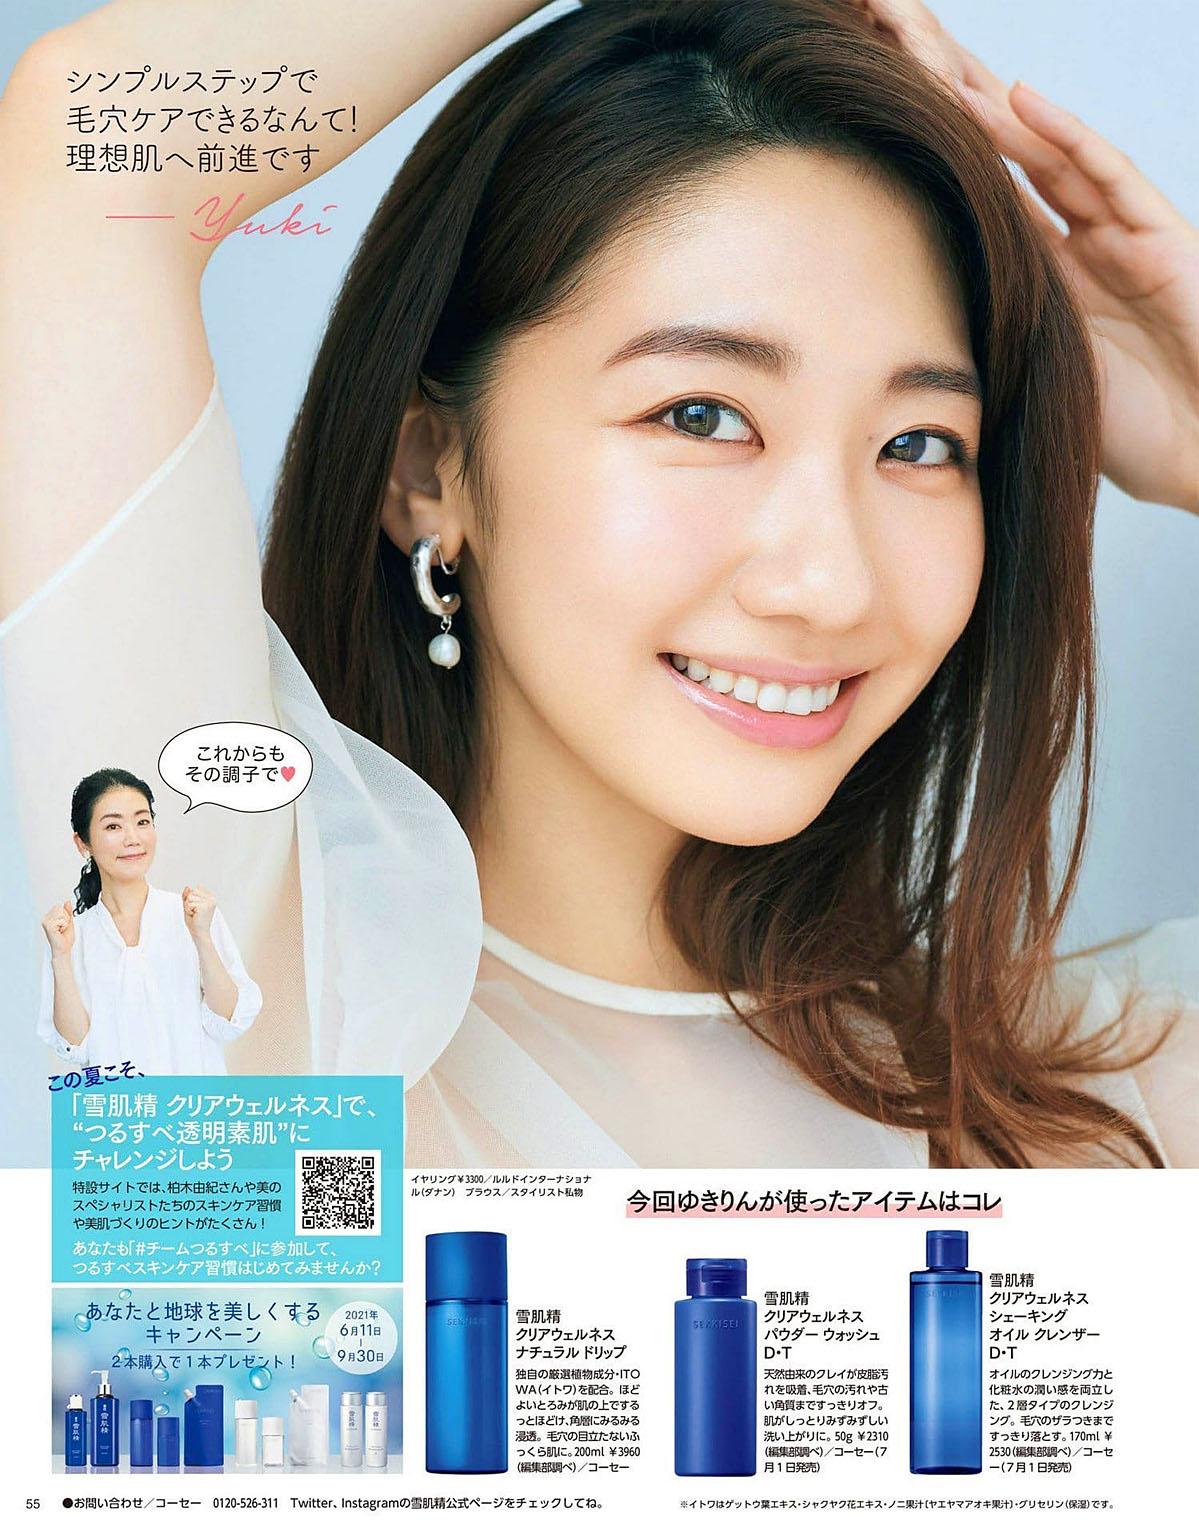 YKashiwagi Maquia 2108 01.jpg